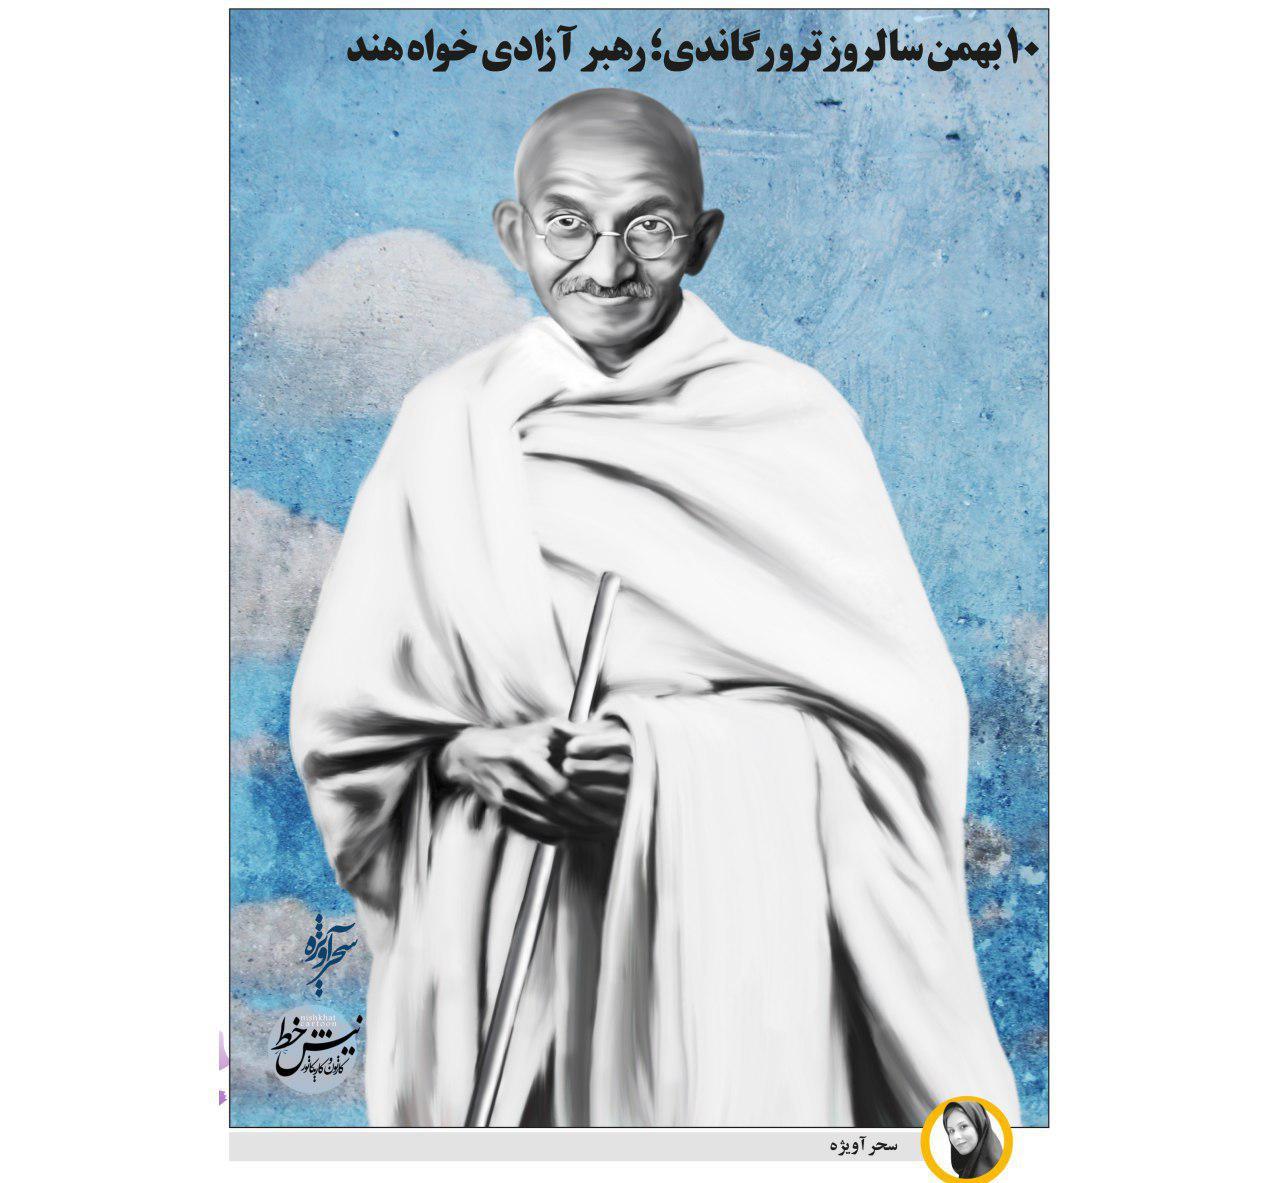 نیشخط کارتون/10 بهمن ، سالروز ترور گاندی رهبر آزادی خواه هند